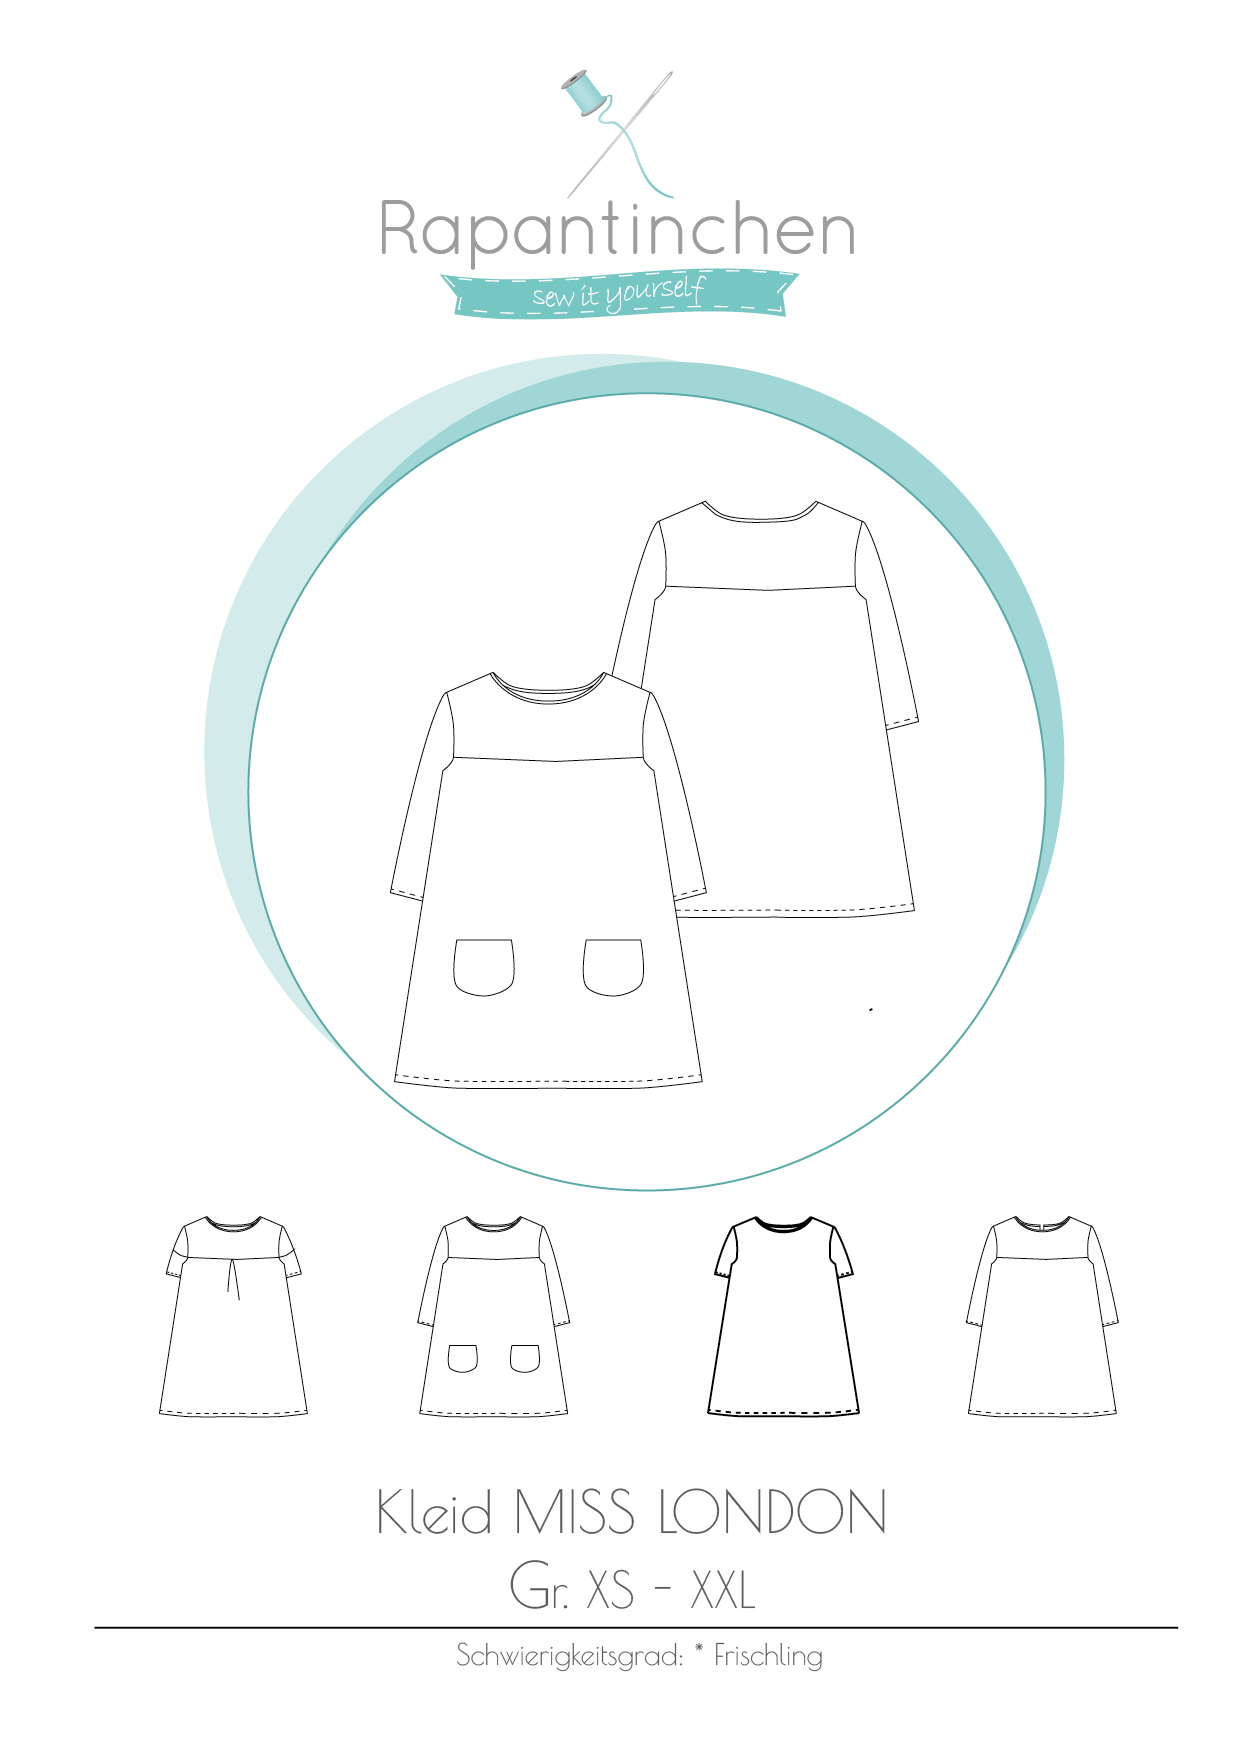 Schnittmuster für selbstgenähte Kleidung